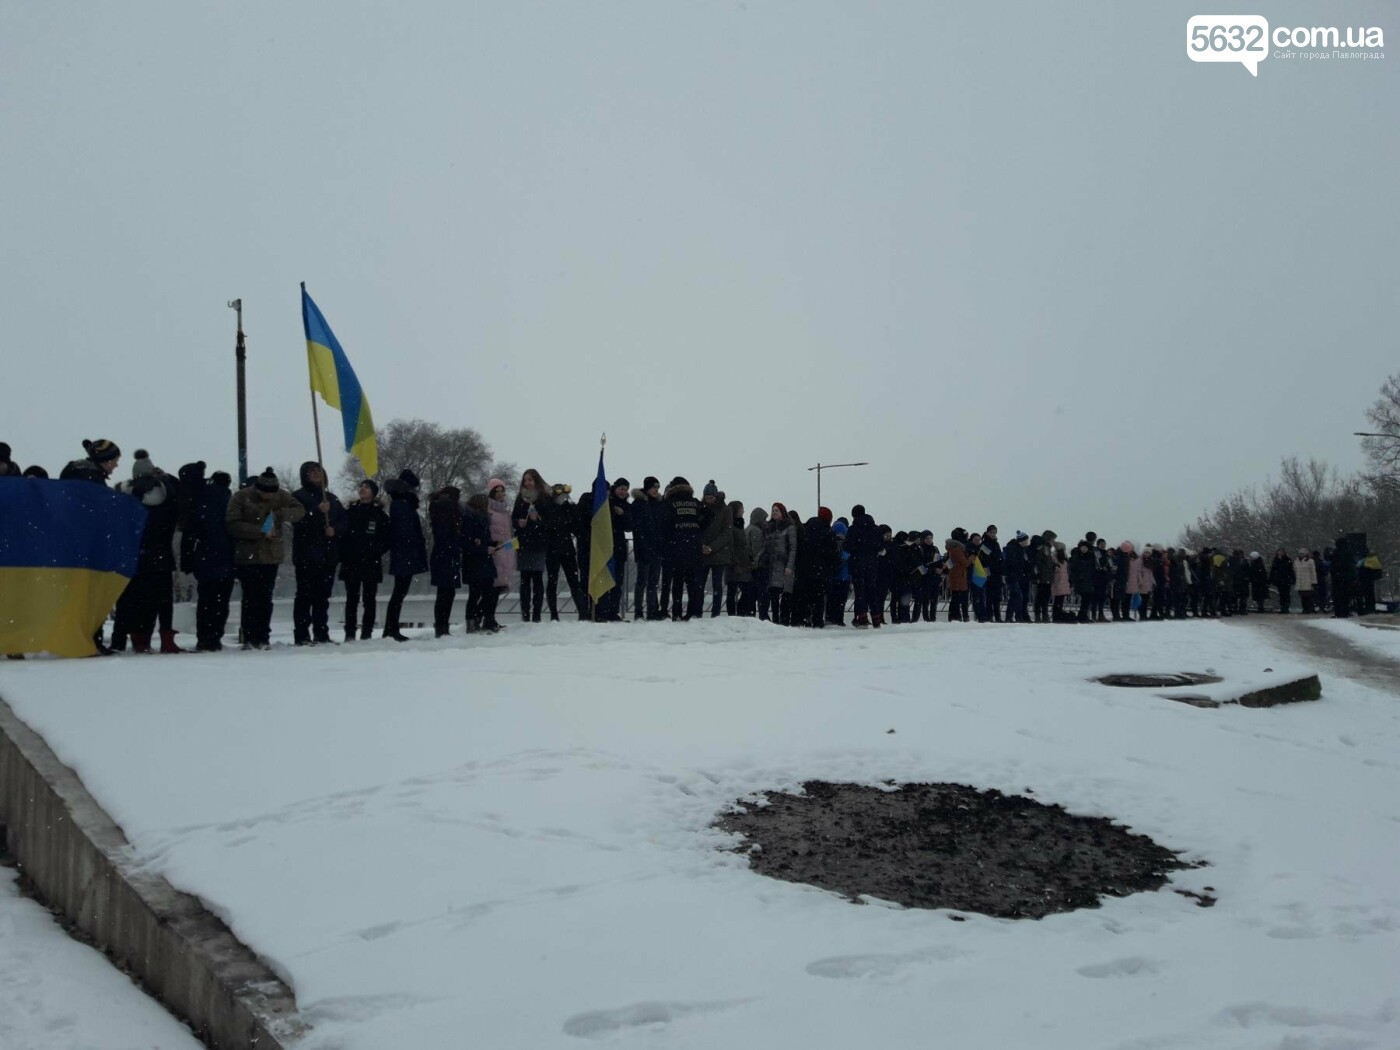 Молодь Павлограда живим ланцюгом з'єднала два берега Вовчої, фото-1